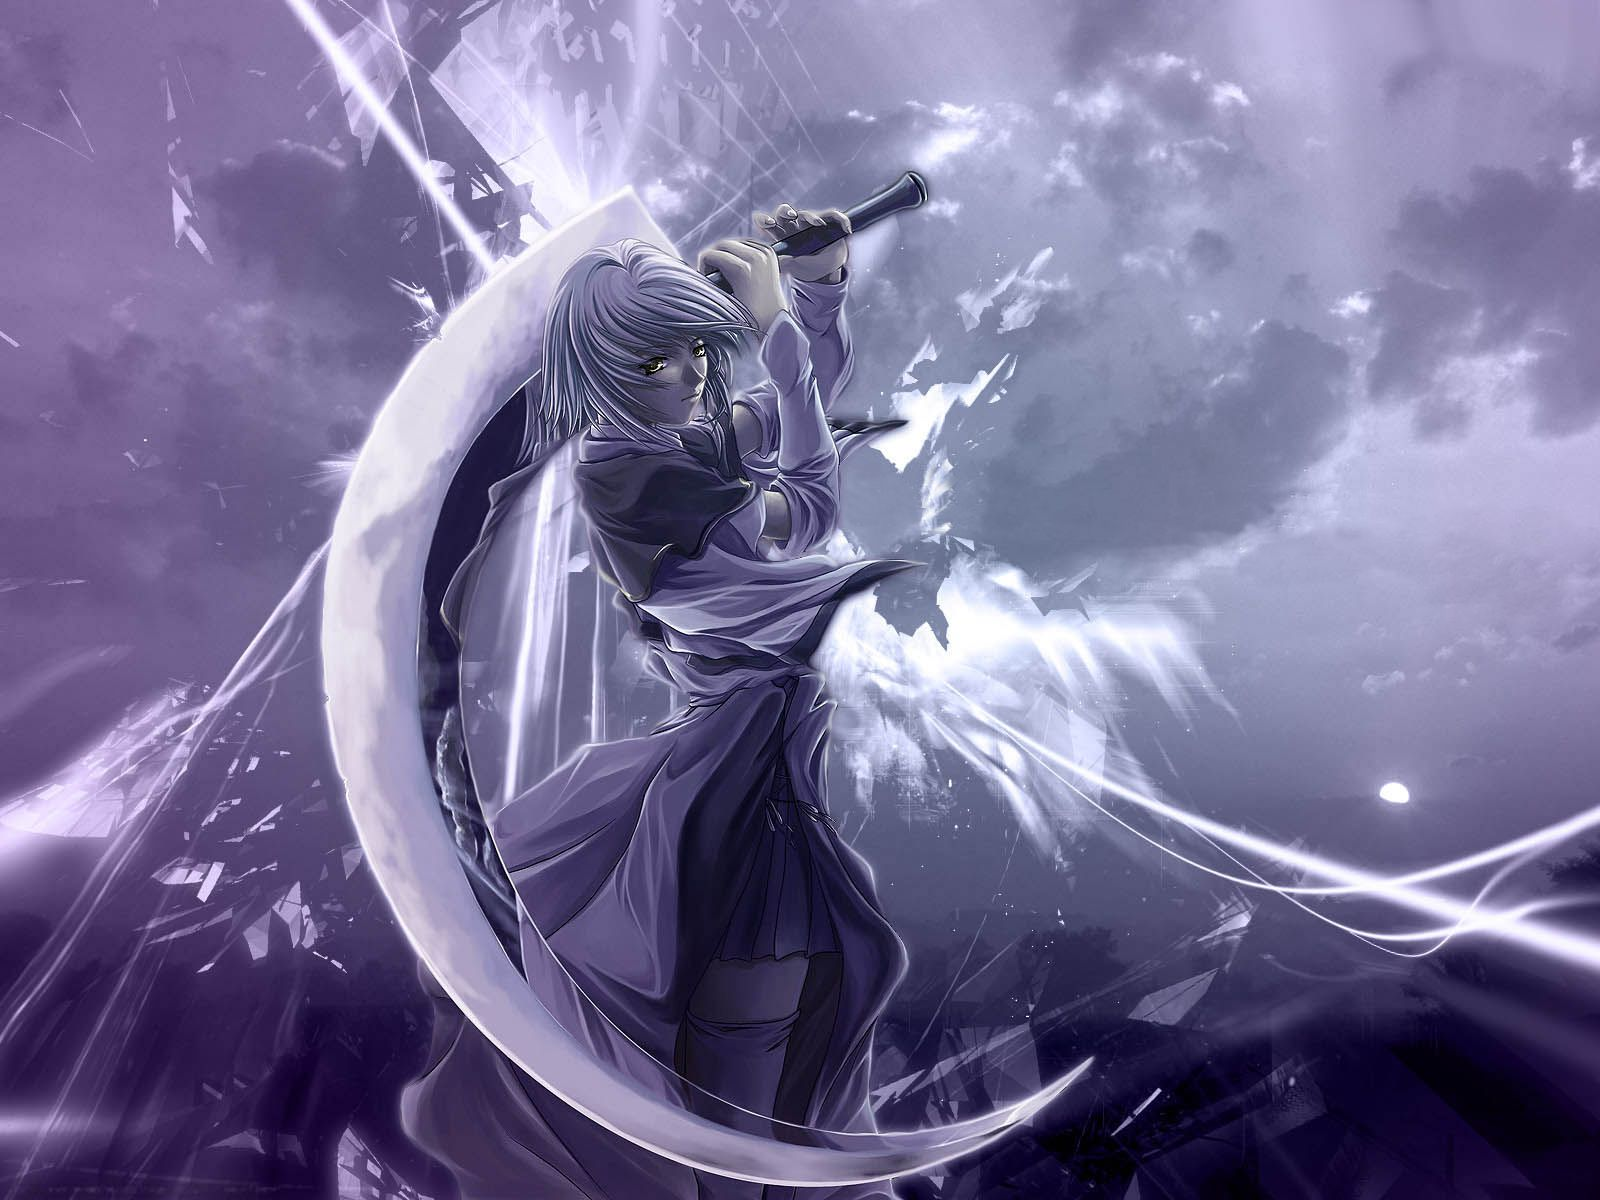 Image detail for Anime / Anime 1600x1200 Cool anime